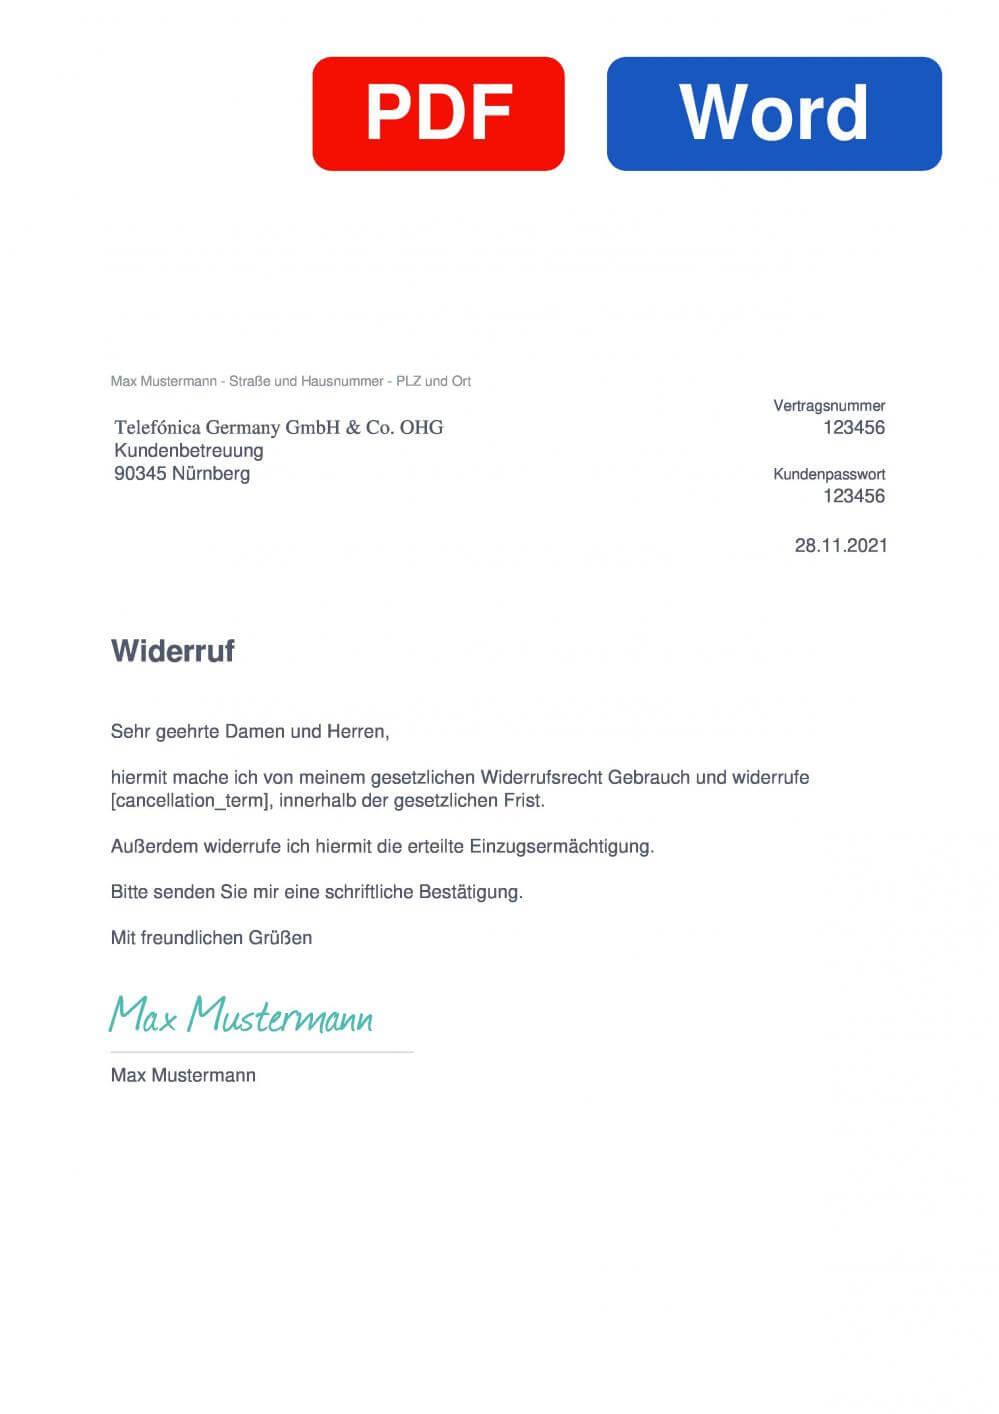 o2 DSL Muster Vorlage für Wiederrufsschreiben